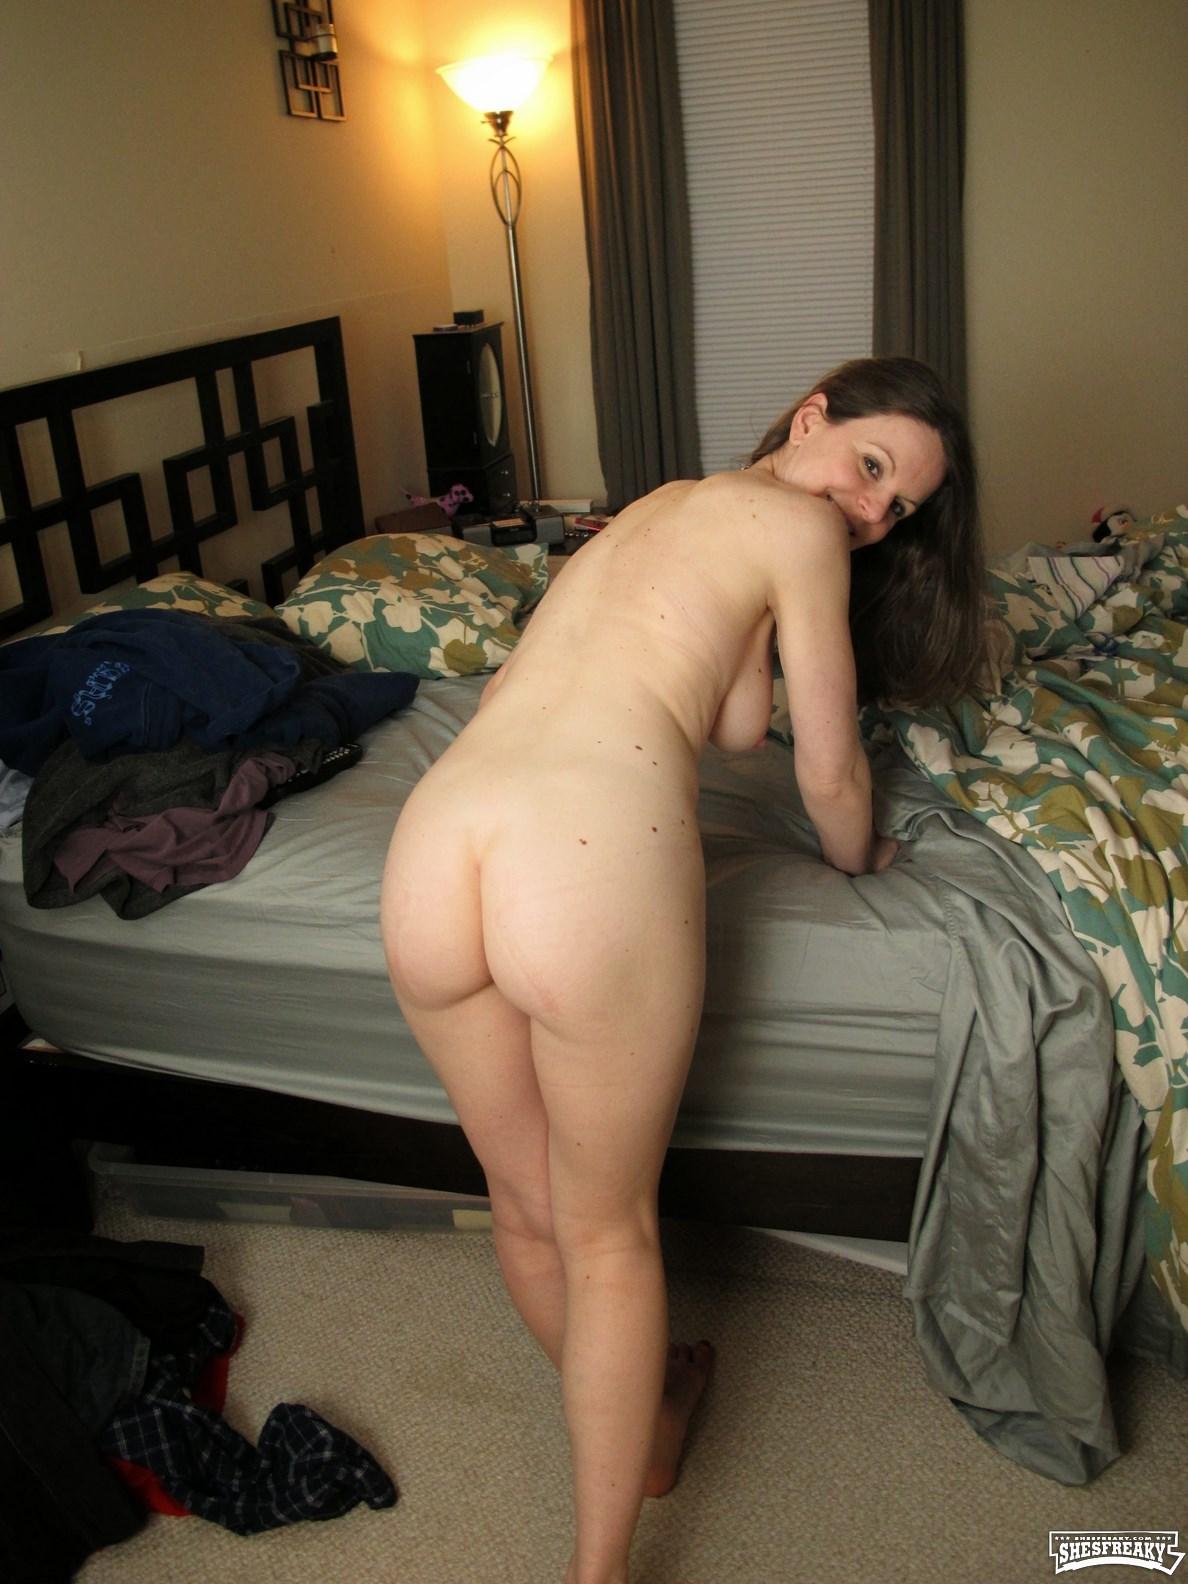 Bridget the midget photo